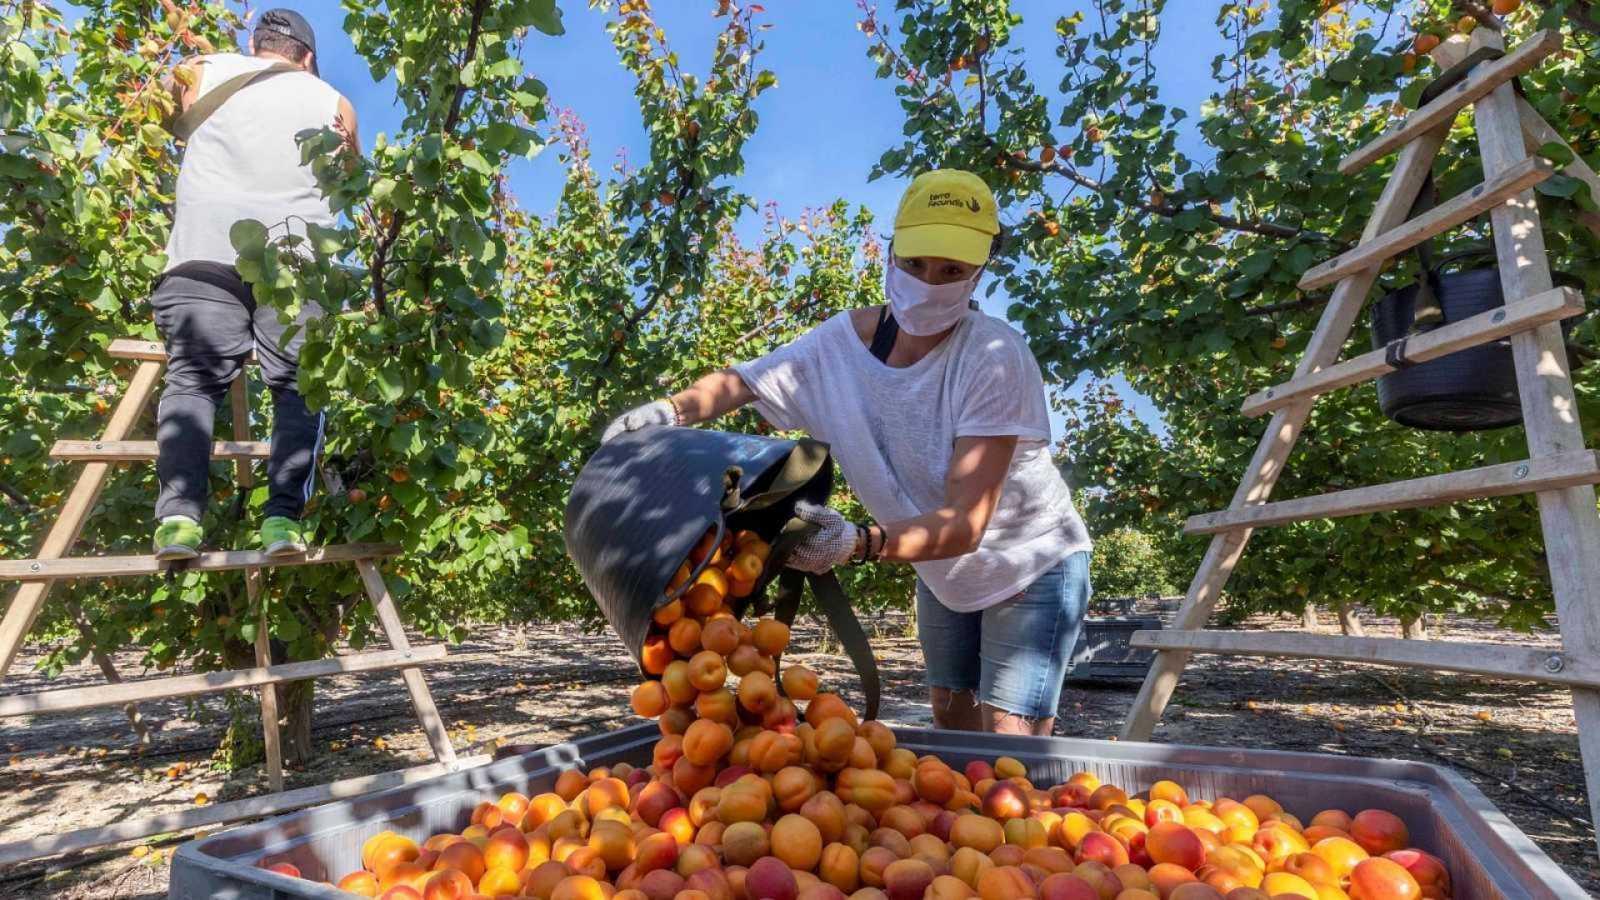 La subida del salario mínimo a 900 euros lastró la creación de empleo, según el Banco de España